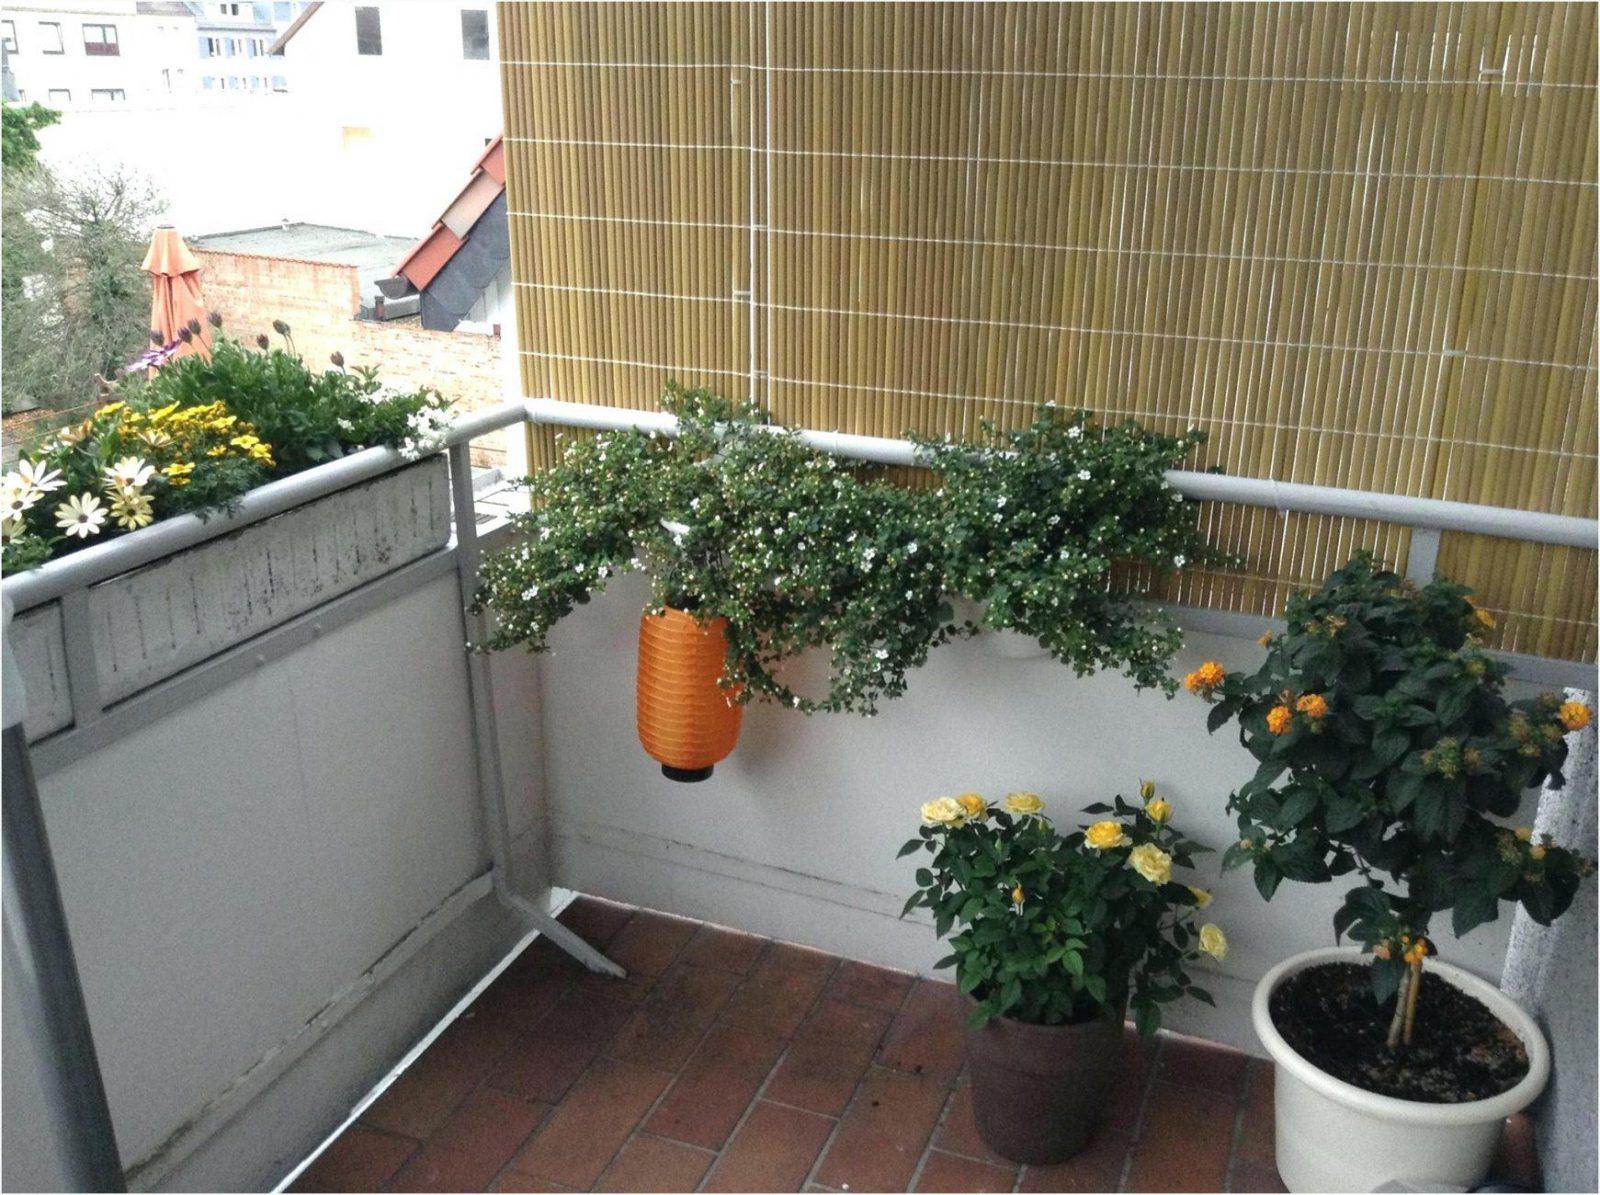 Sichtschutz Selber Machen Luxus Balkon Cool Full Size Weidengeflecht von Balkon Sichtschutz Selber Bauen Bild